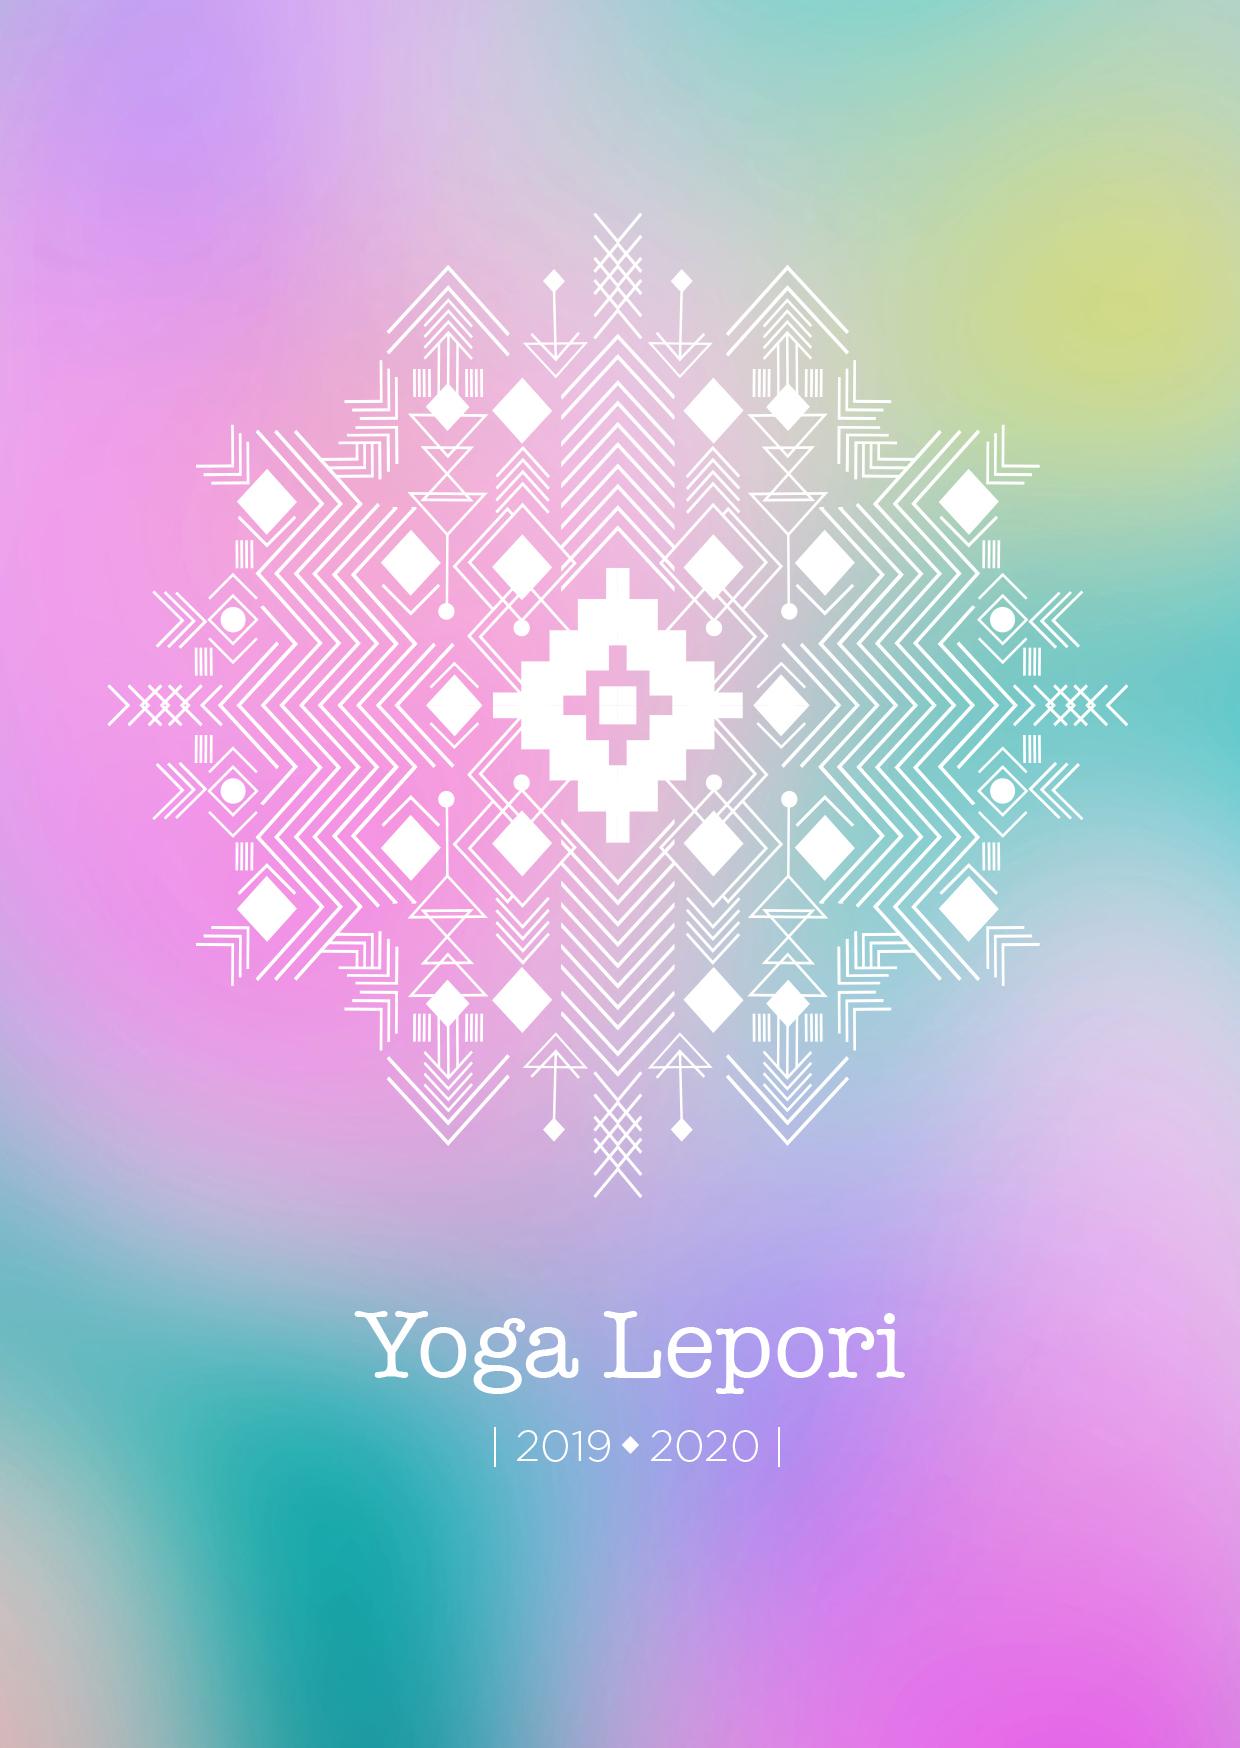 yoga_lepori_flyer_def_2019 1R